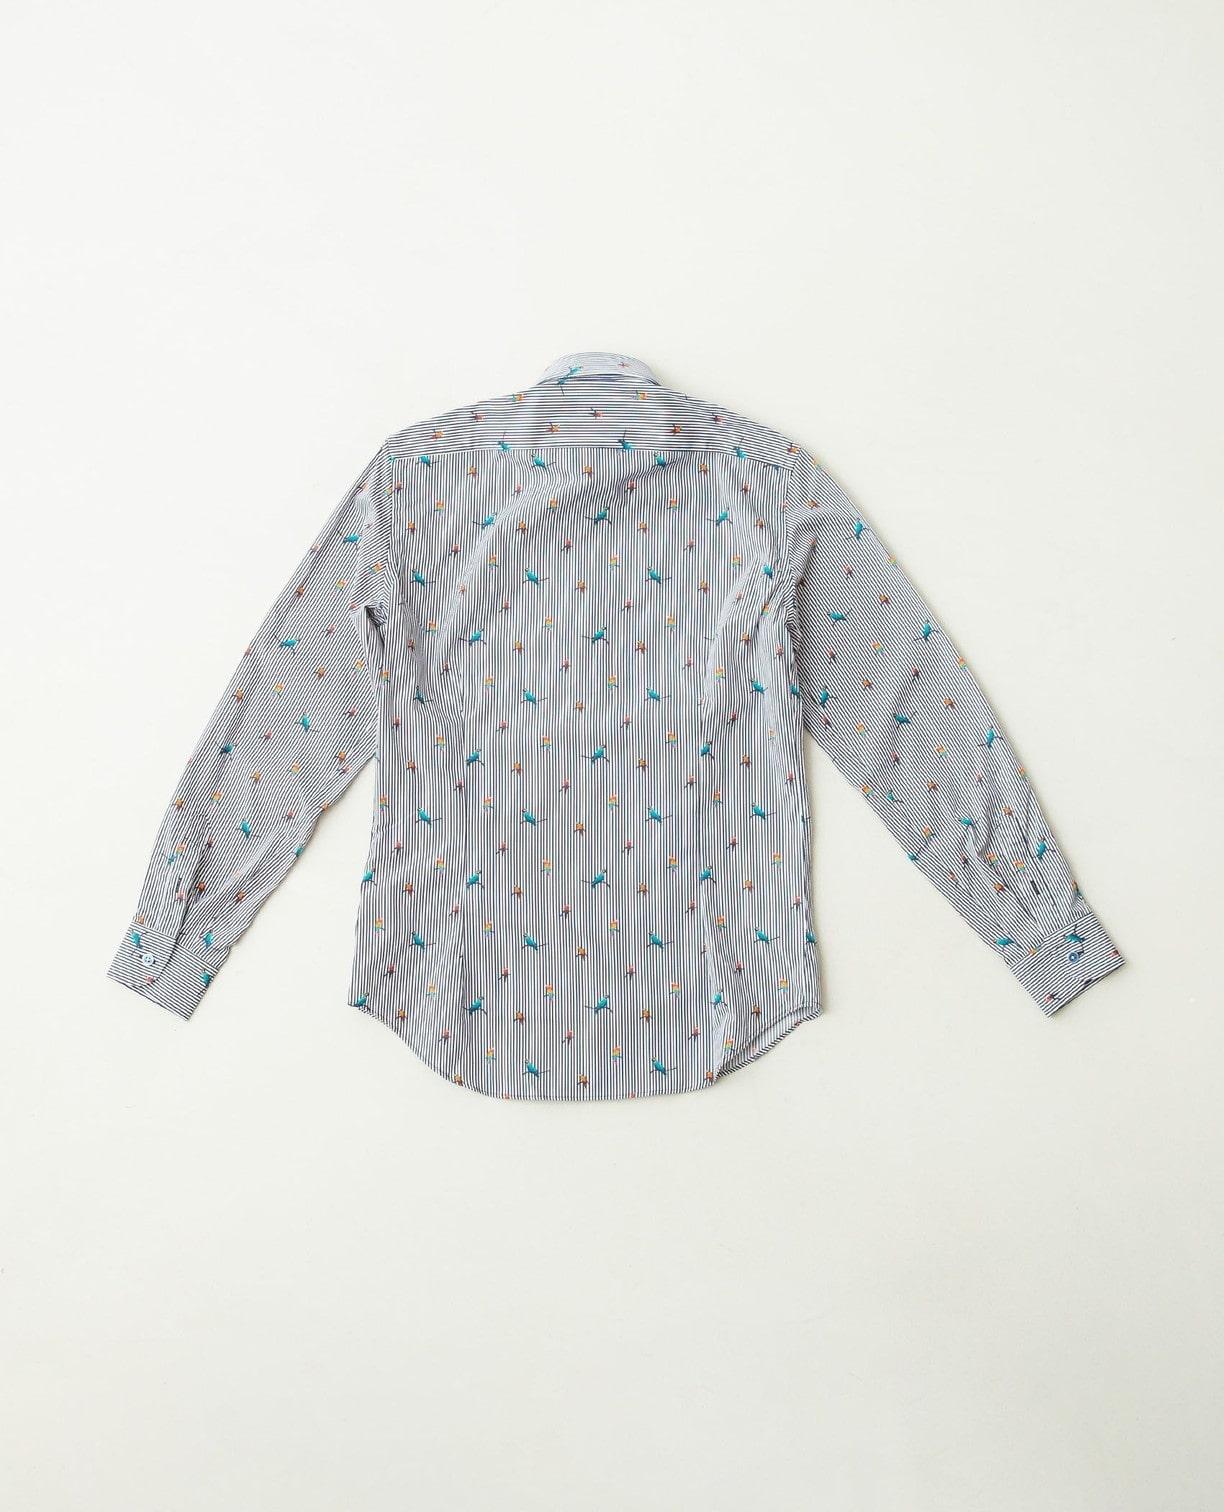 ストライプ鳥柄プリント長袖シャツ